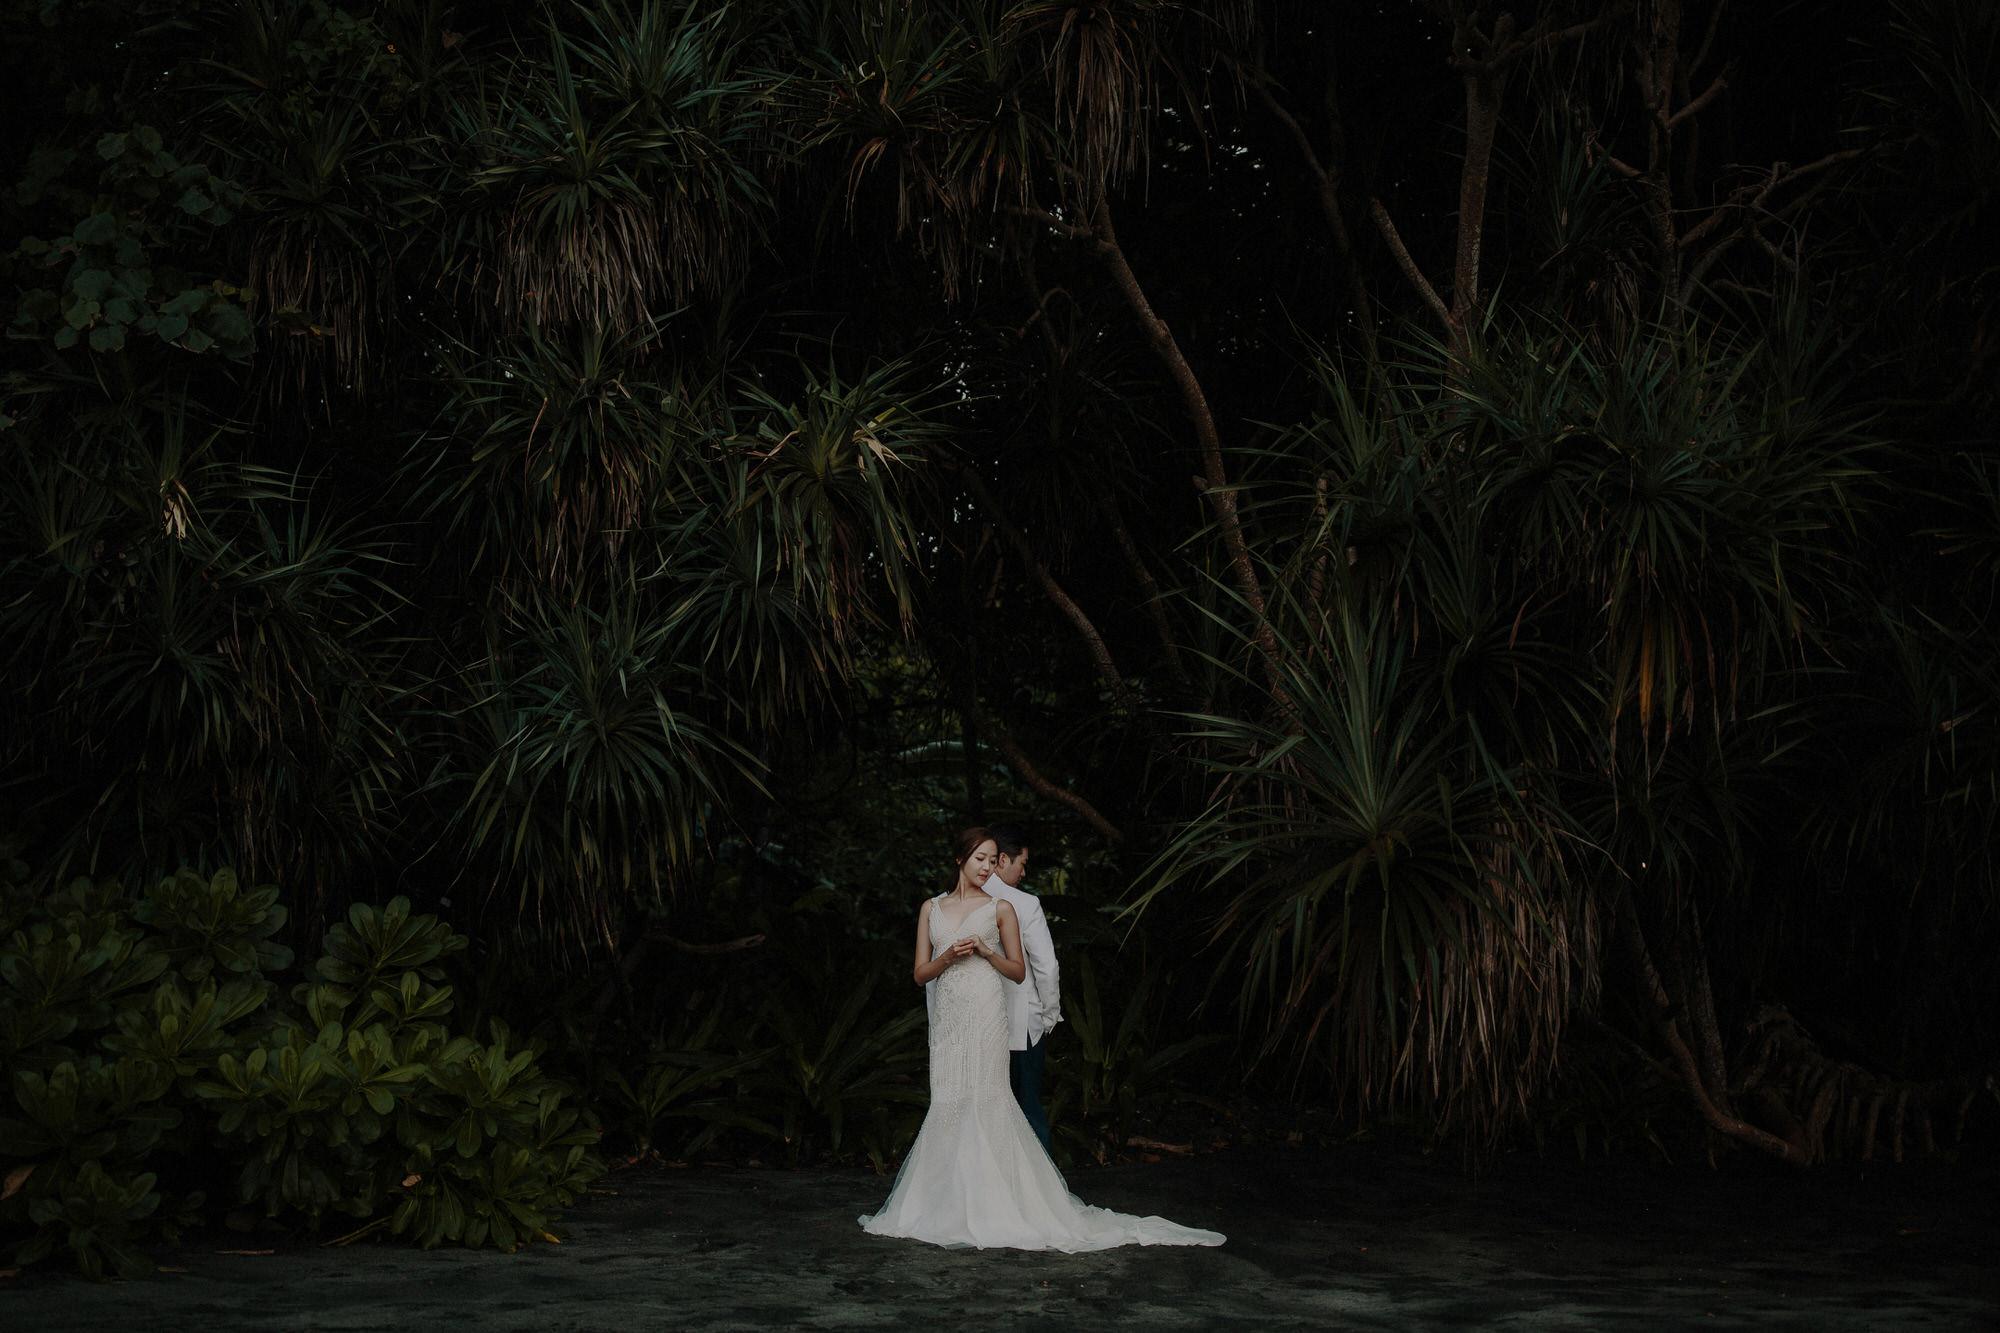 Robert-J-Hill-Destination-Wedding-Photographer-1.jpg